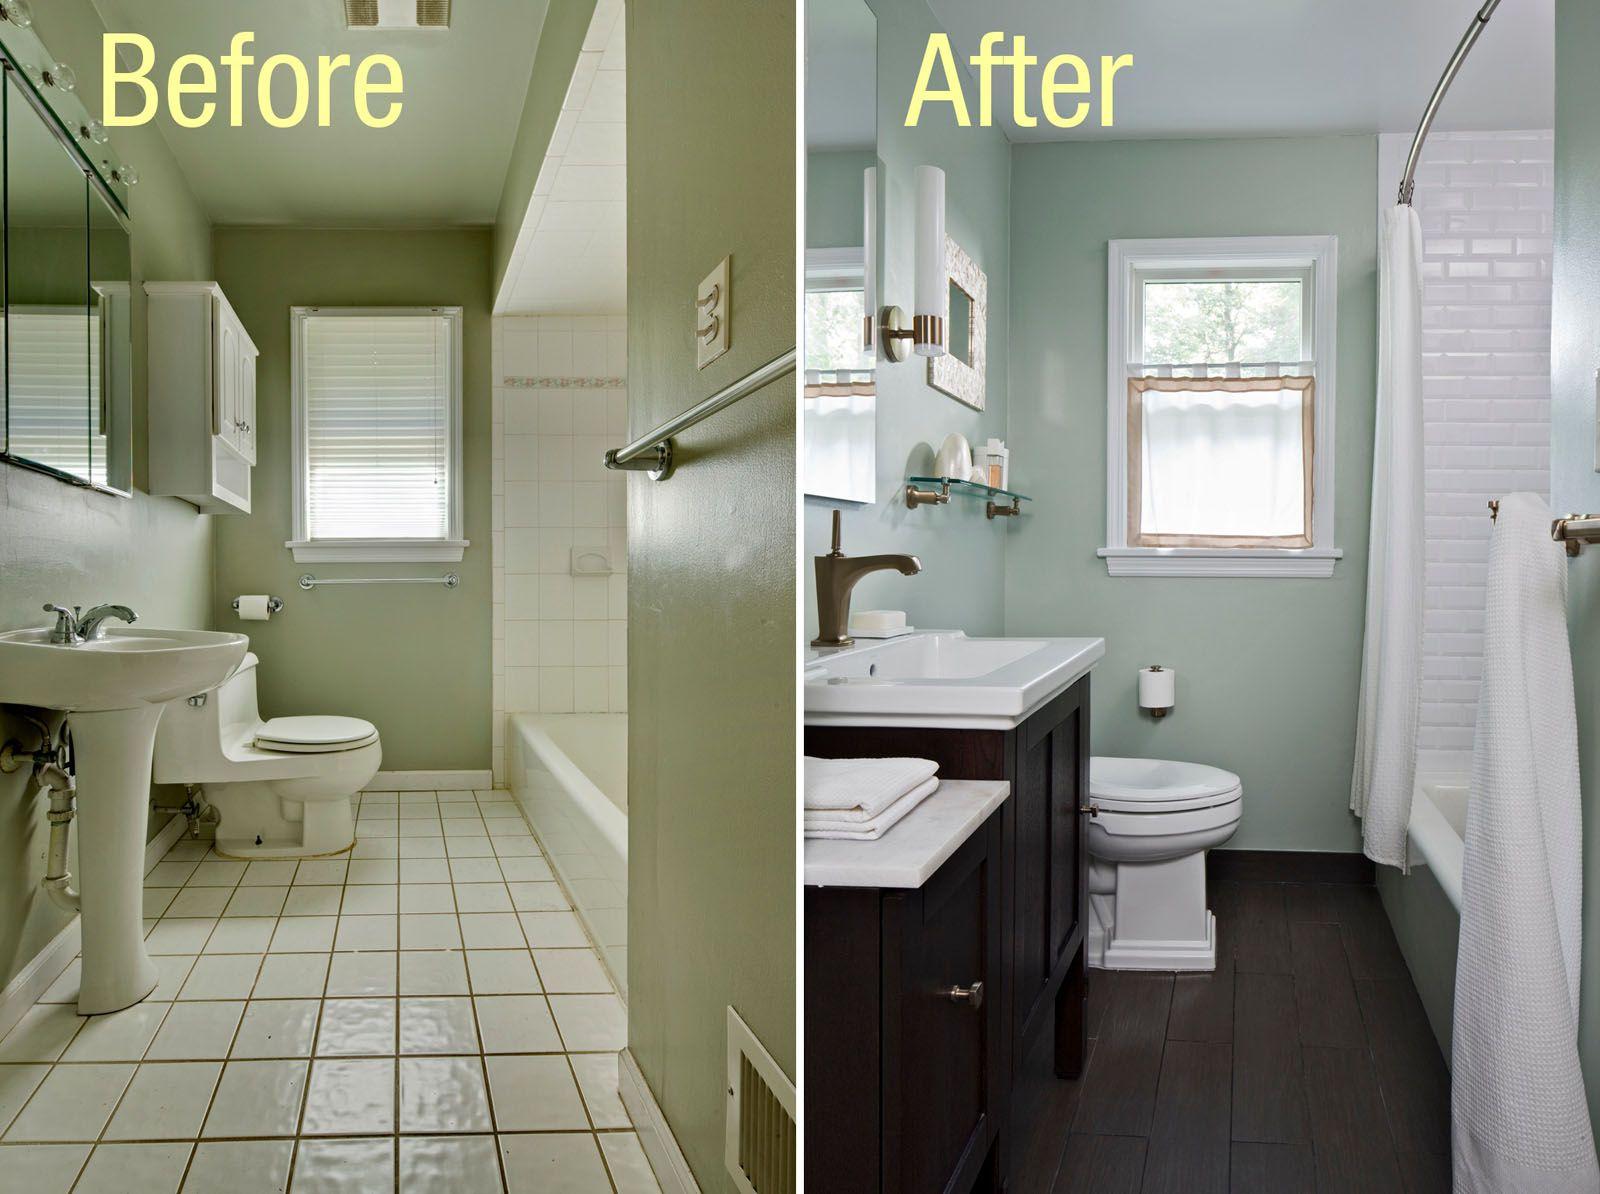 Manual19 Biz Wp Content Uploads 2016 06 Small Bathroom Paint Ideas No Natural Small Bathroom Renovations Small Bathroom Remodel Bathroom Makeovers On A Budget